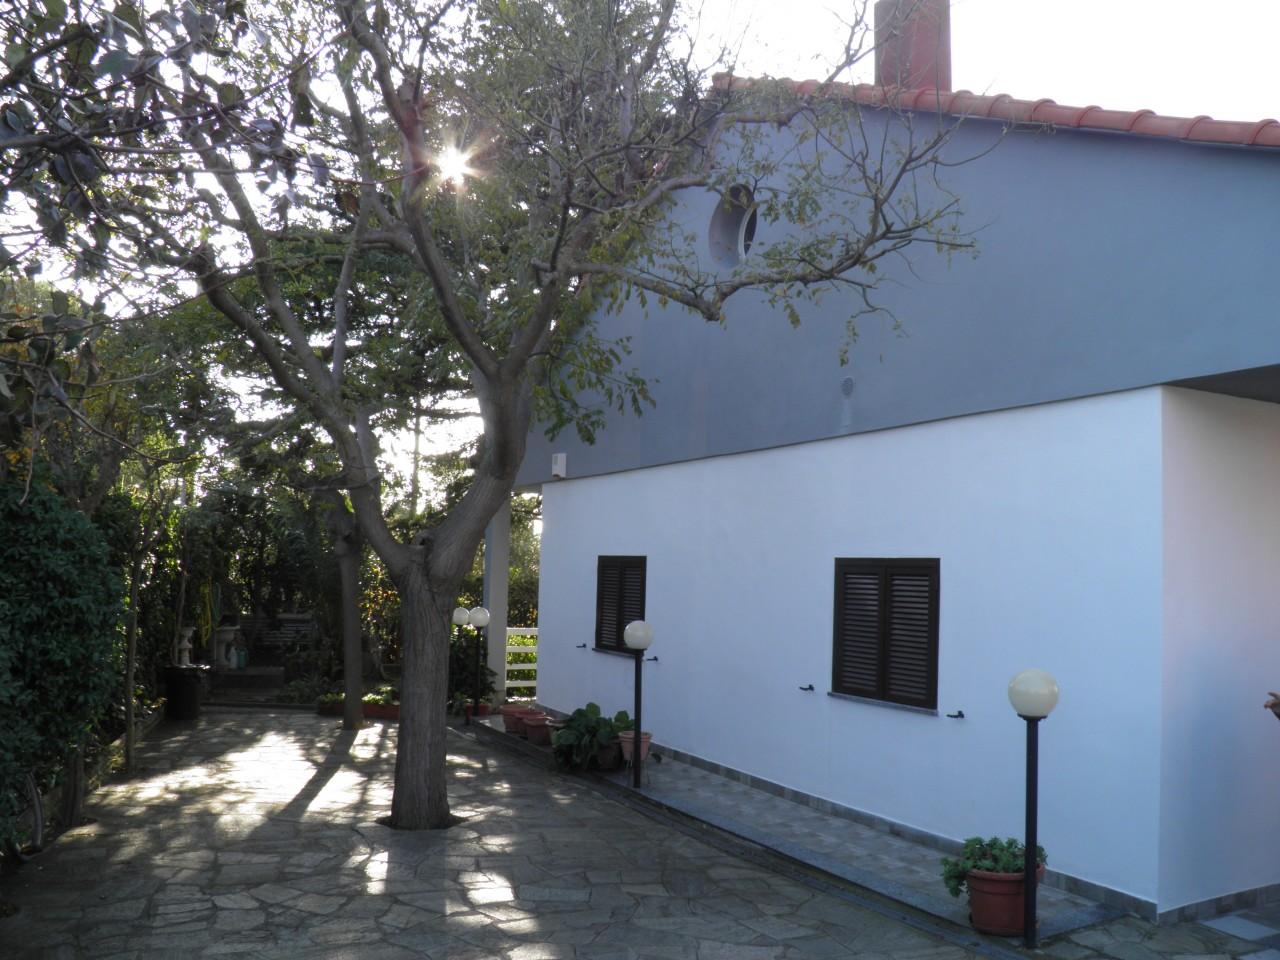 Villa A Tre Piani villa in vendita a celle ligure (sv) zona celle ligure aria